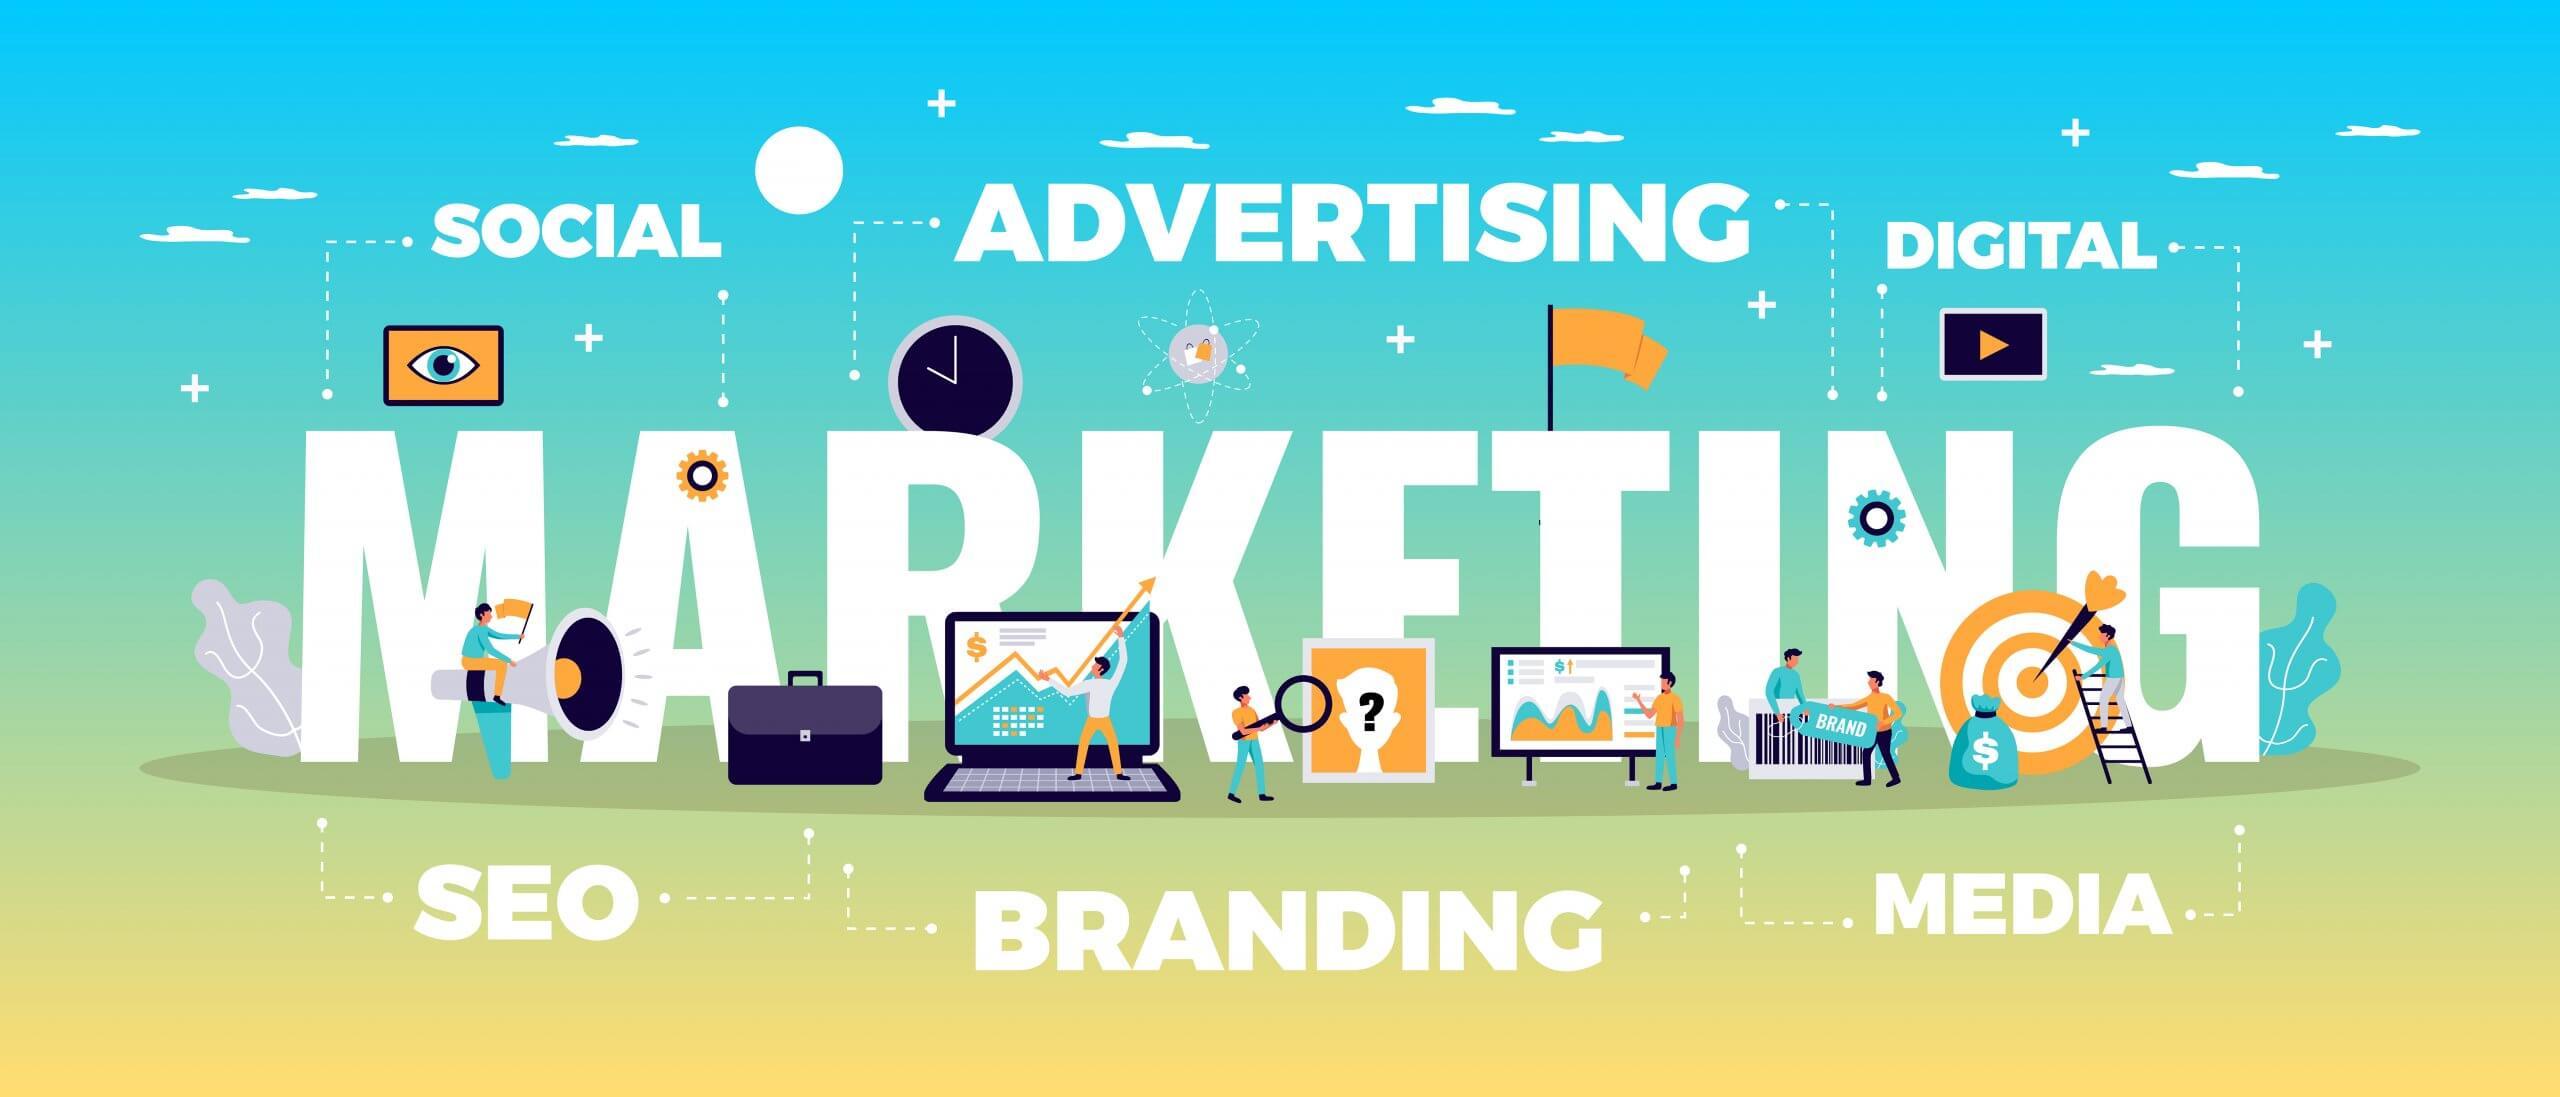 Top-Digital-Marketing-Agencies-scaled.jpg